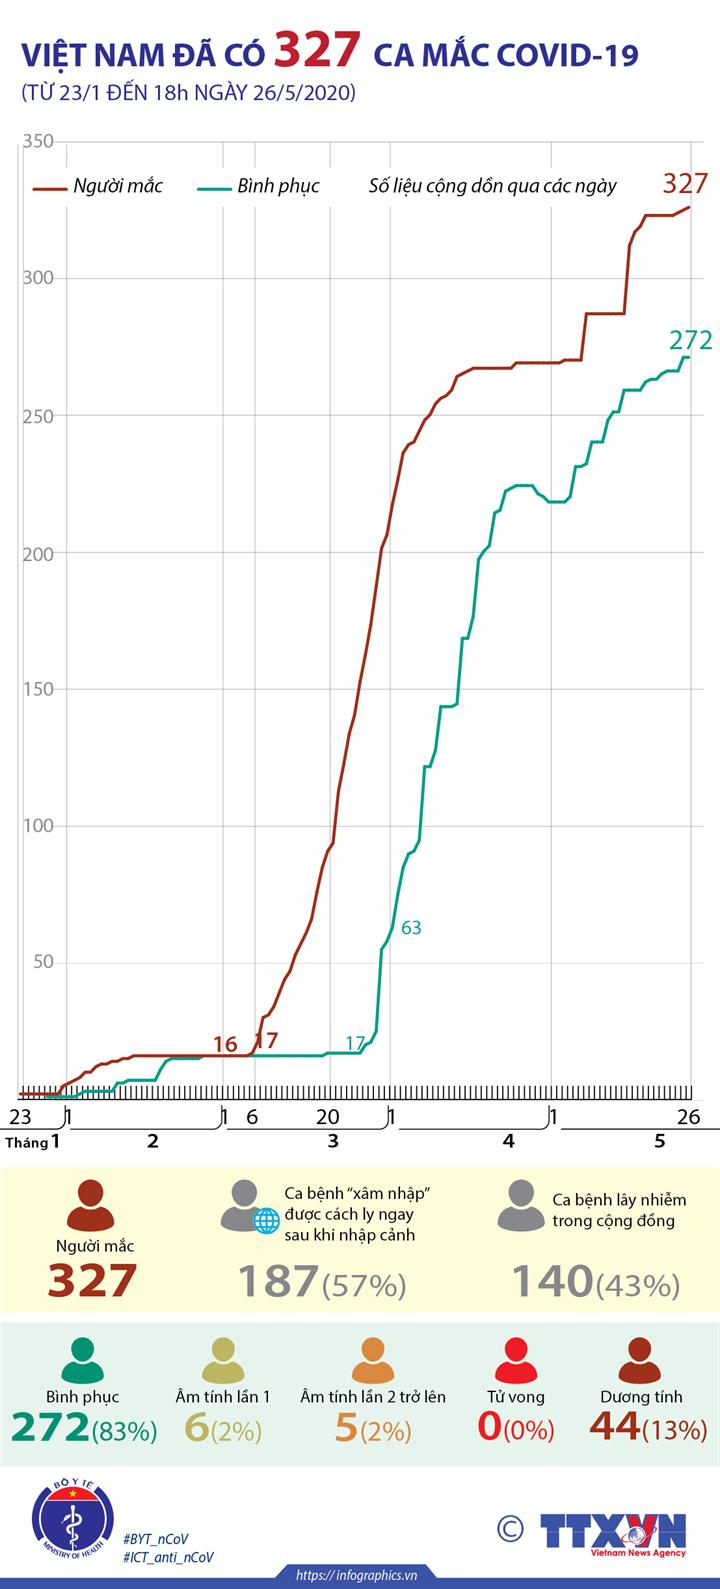 Việt Nam đã có 327 ca mắc COVID-19 (từ 23/1 đến 18h ngày 26/5/2020)